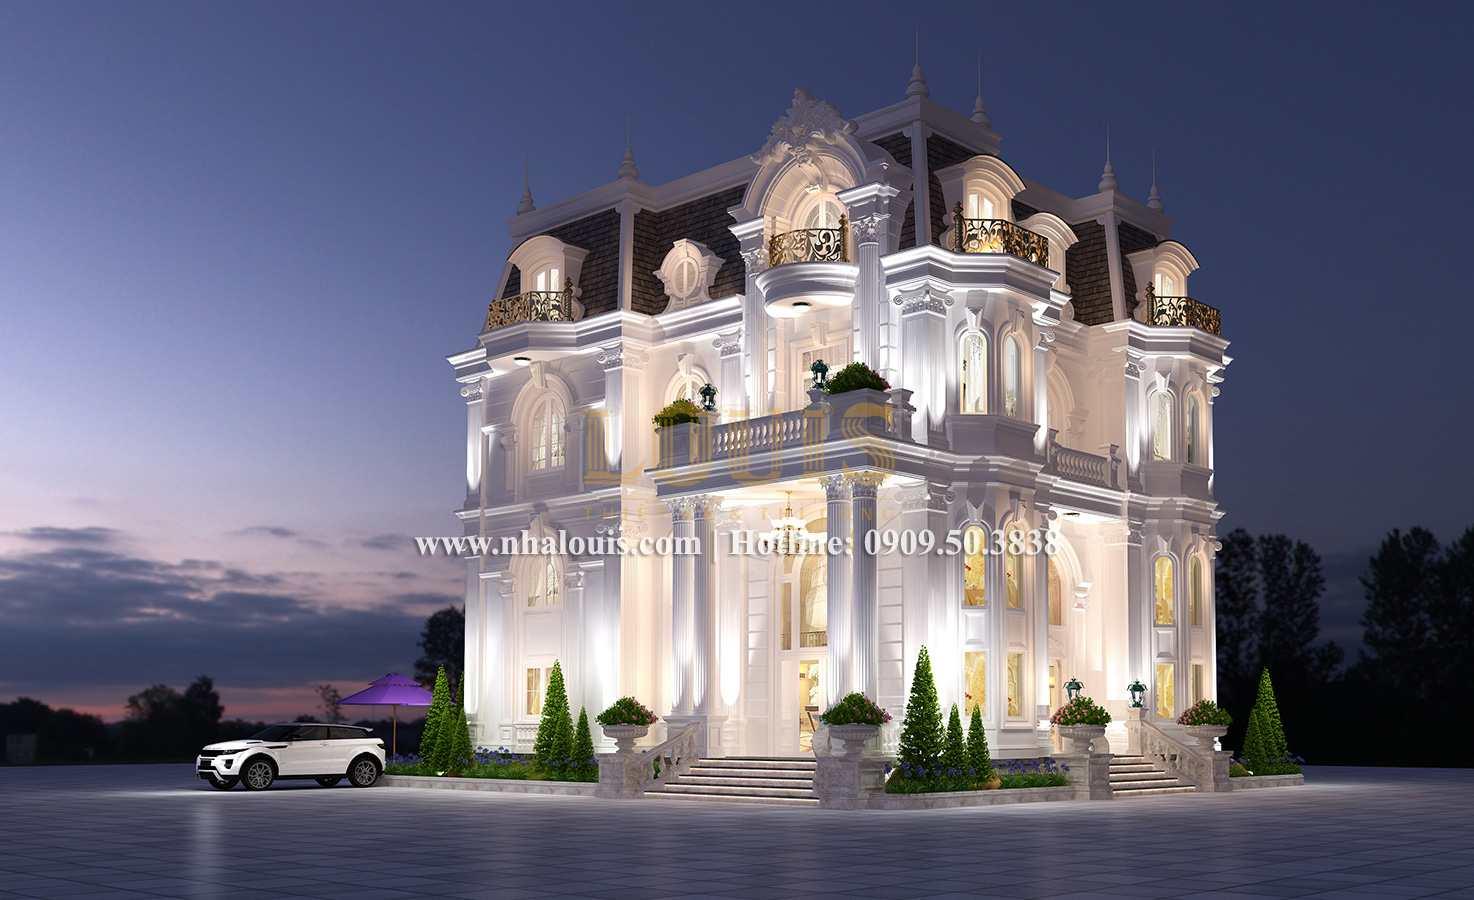 Mặt tiền Mẫu biệt thự kiến trúc Pháp tại Đồng Nai đẹp hoa lệ - 02